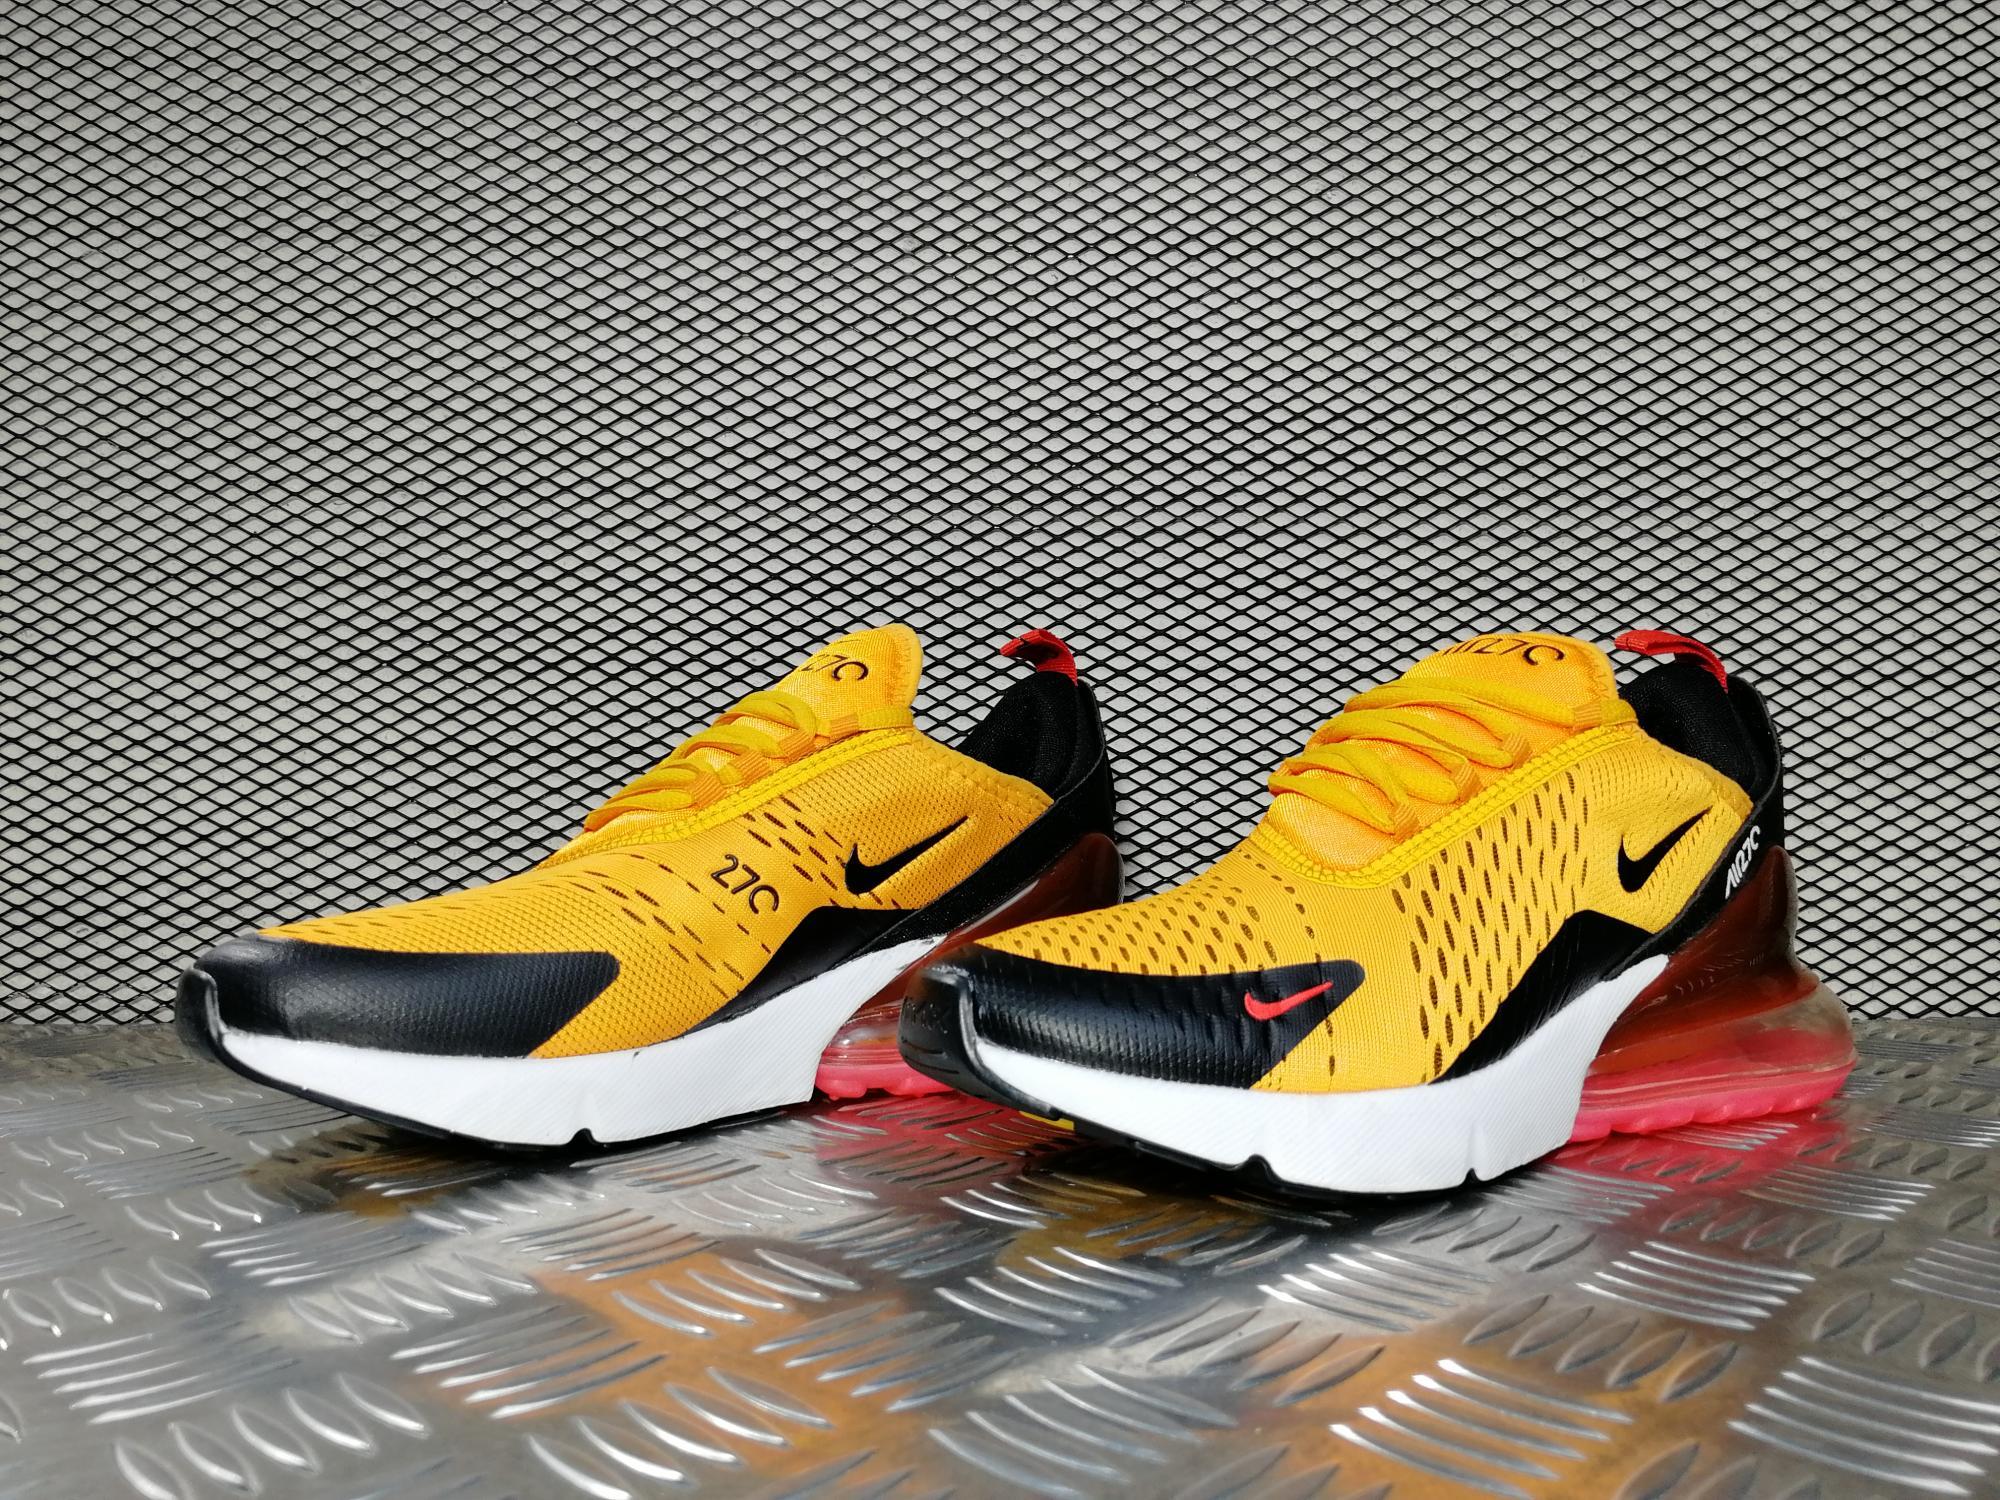 Купить мужские кроссовки Nike Air Max 270 Tiger Black   University ... 0c94fa5f408